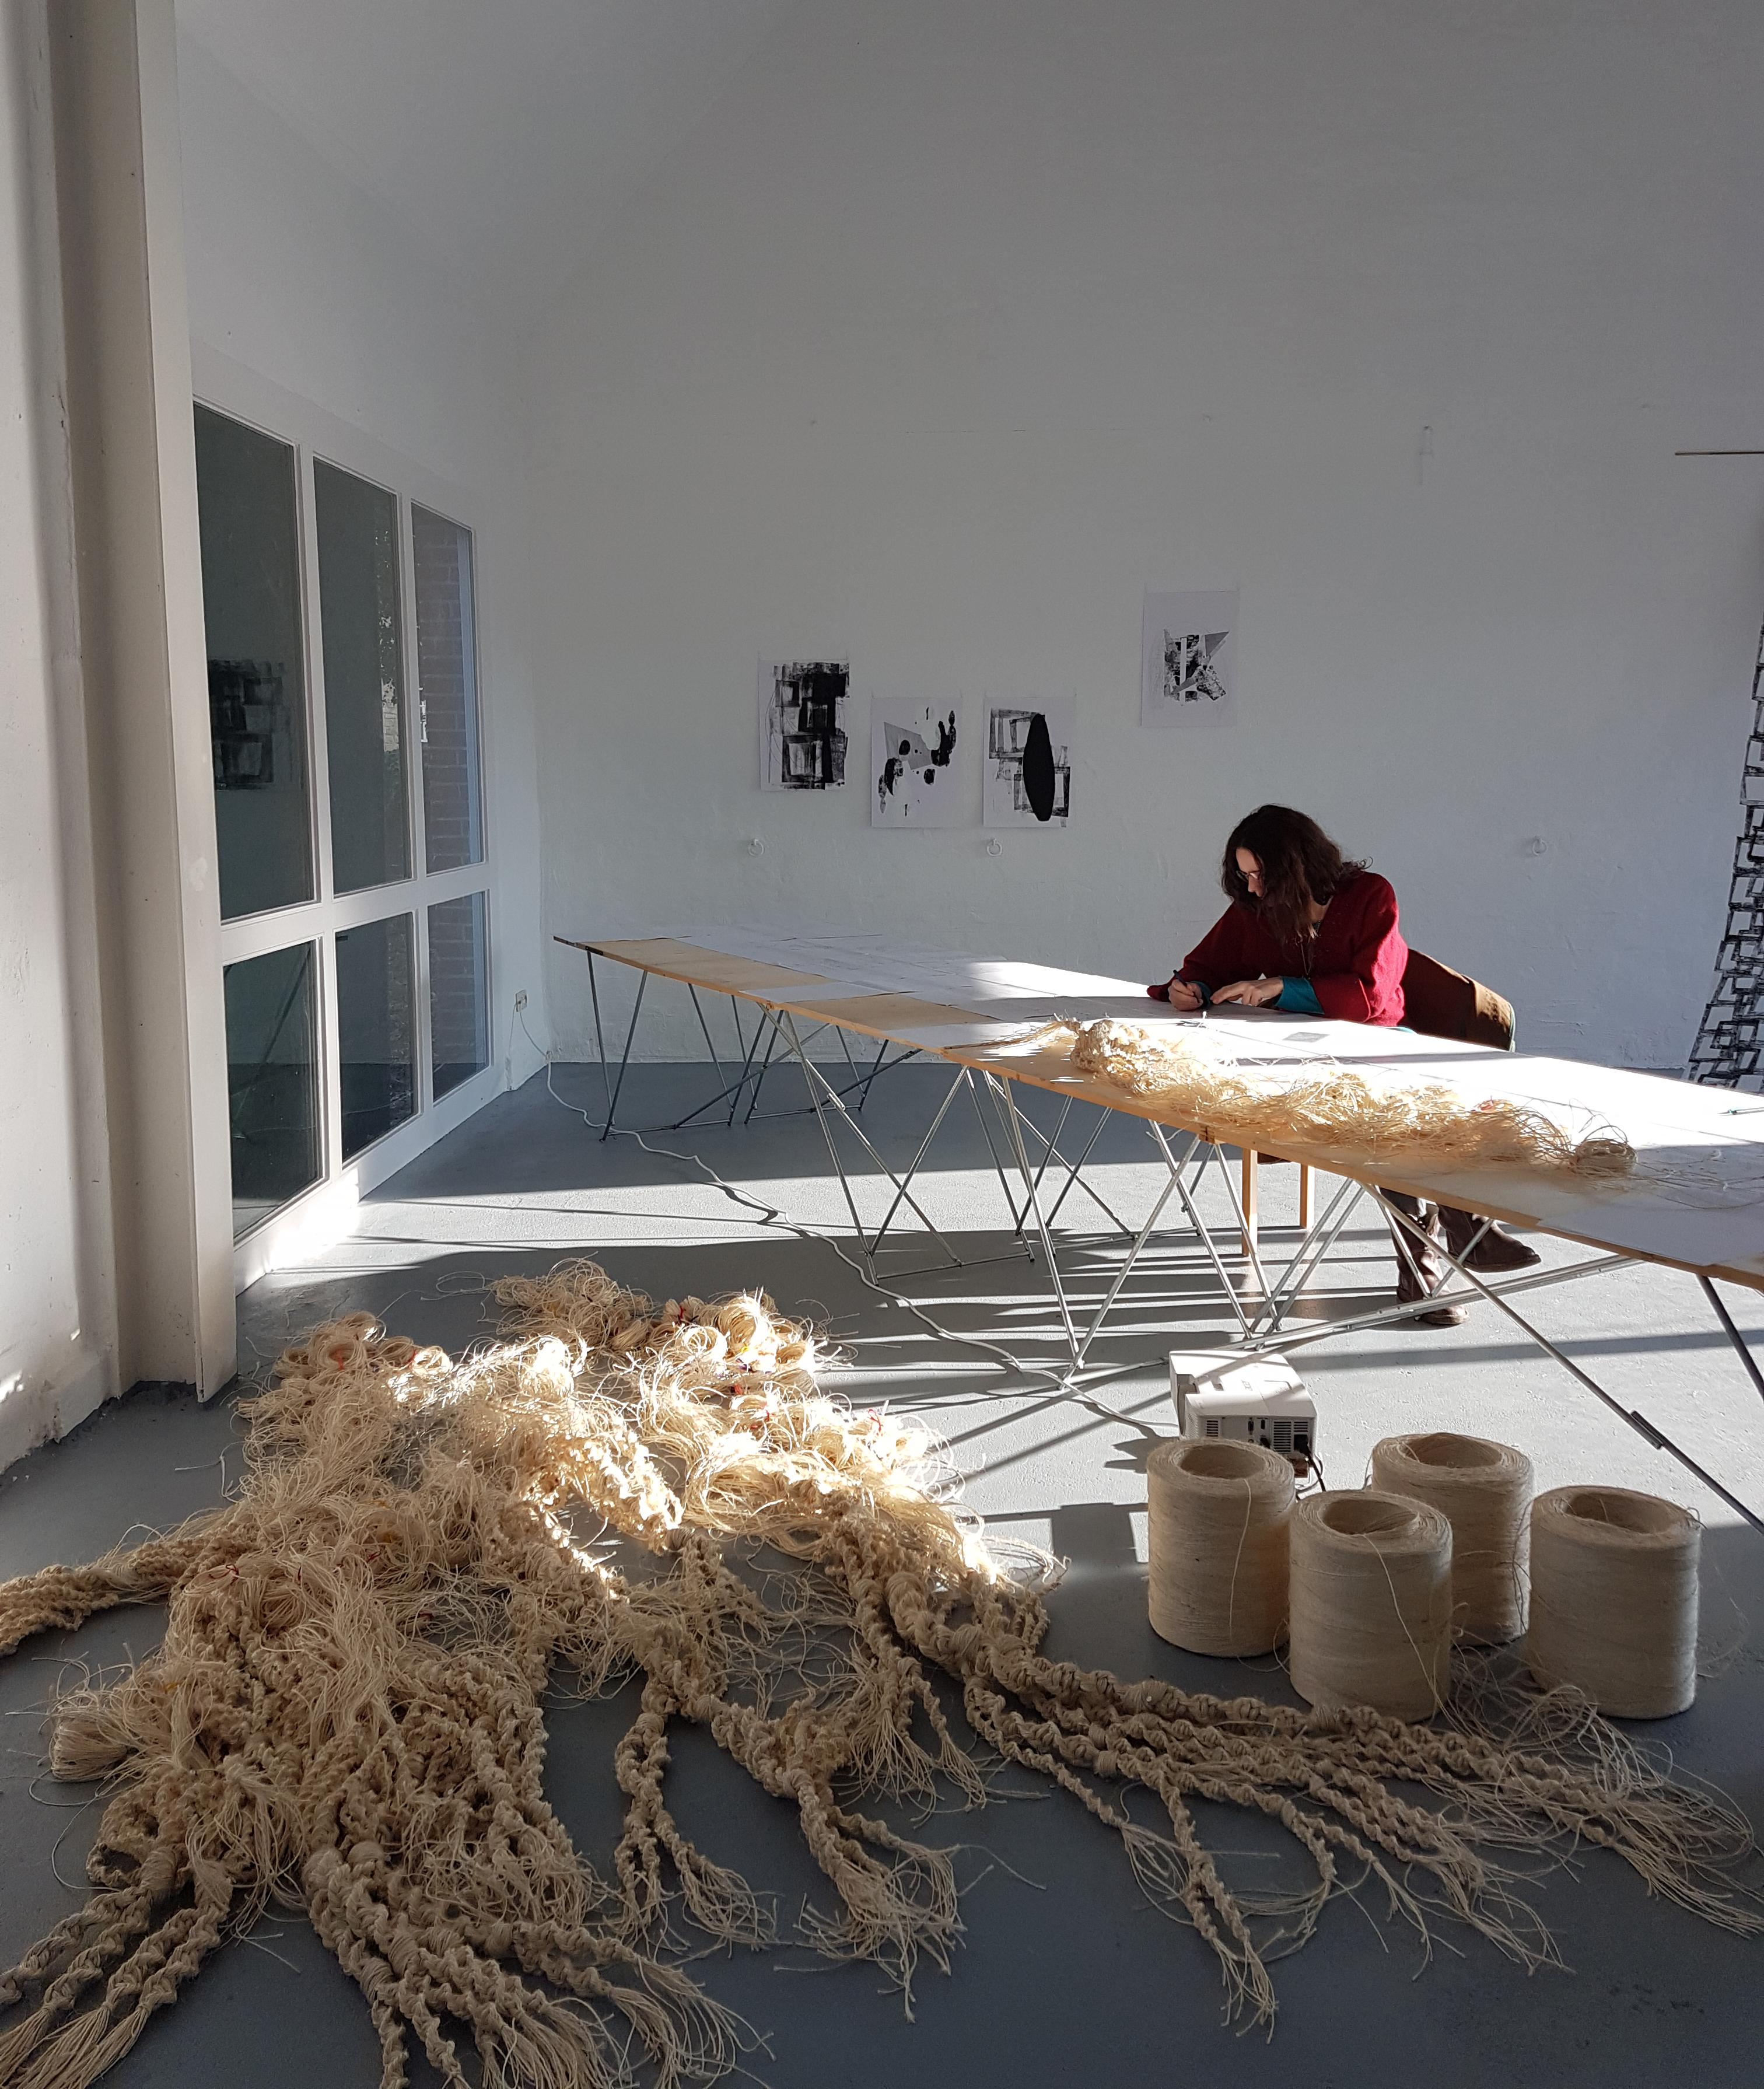 """Installation von """"Mycelium of Humans #1"""" und einem neuen Segment von """"Menschengeflecht #1"""" in der Galerie F6, Künstlerdorf Schöppingen, 2018, Foto: © Yan Rechtmann"""